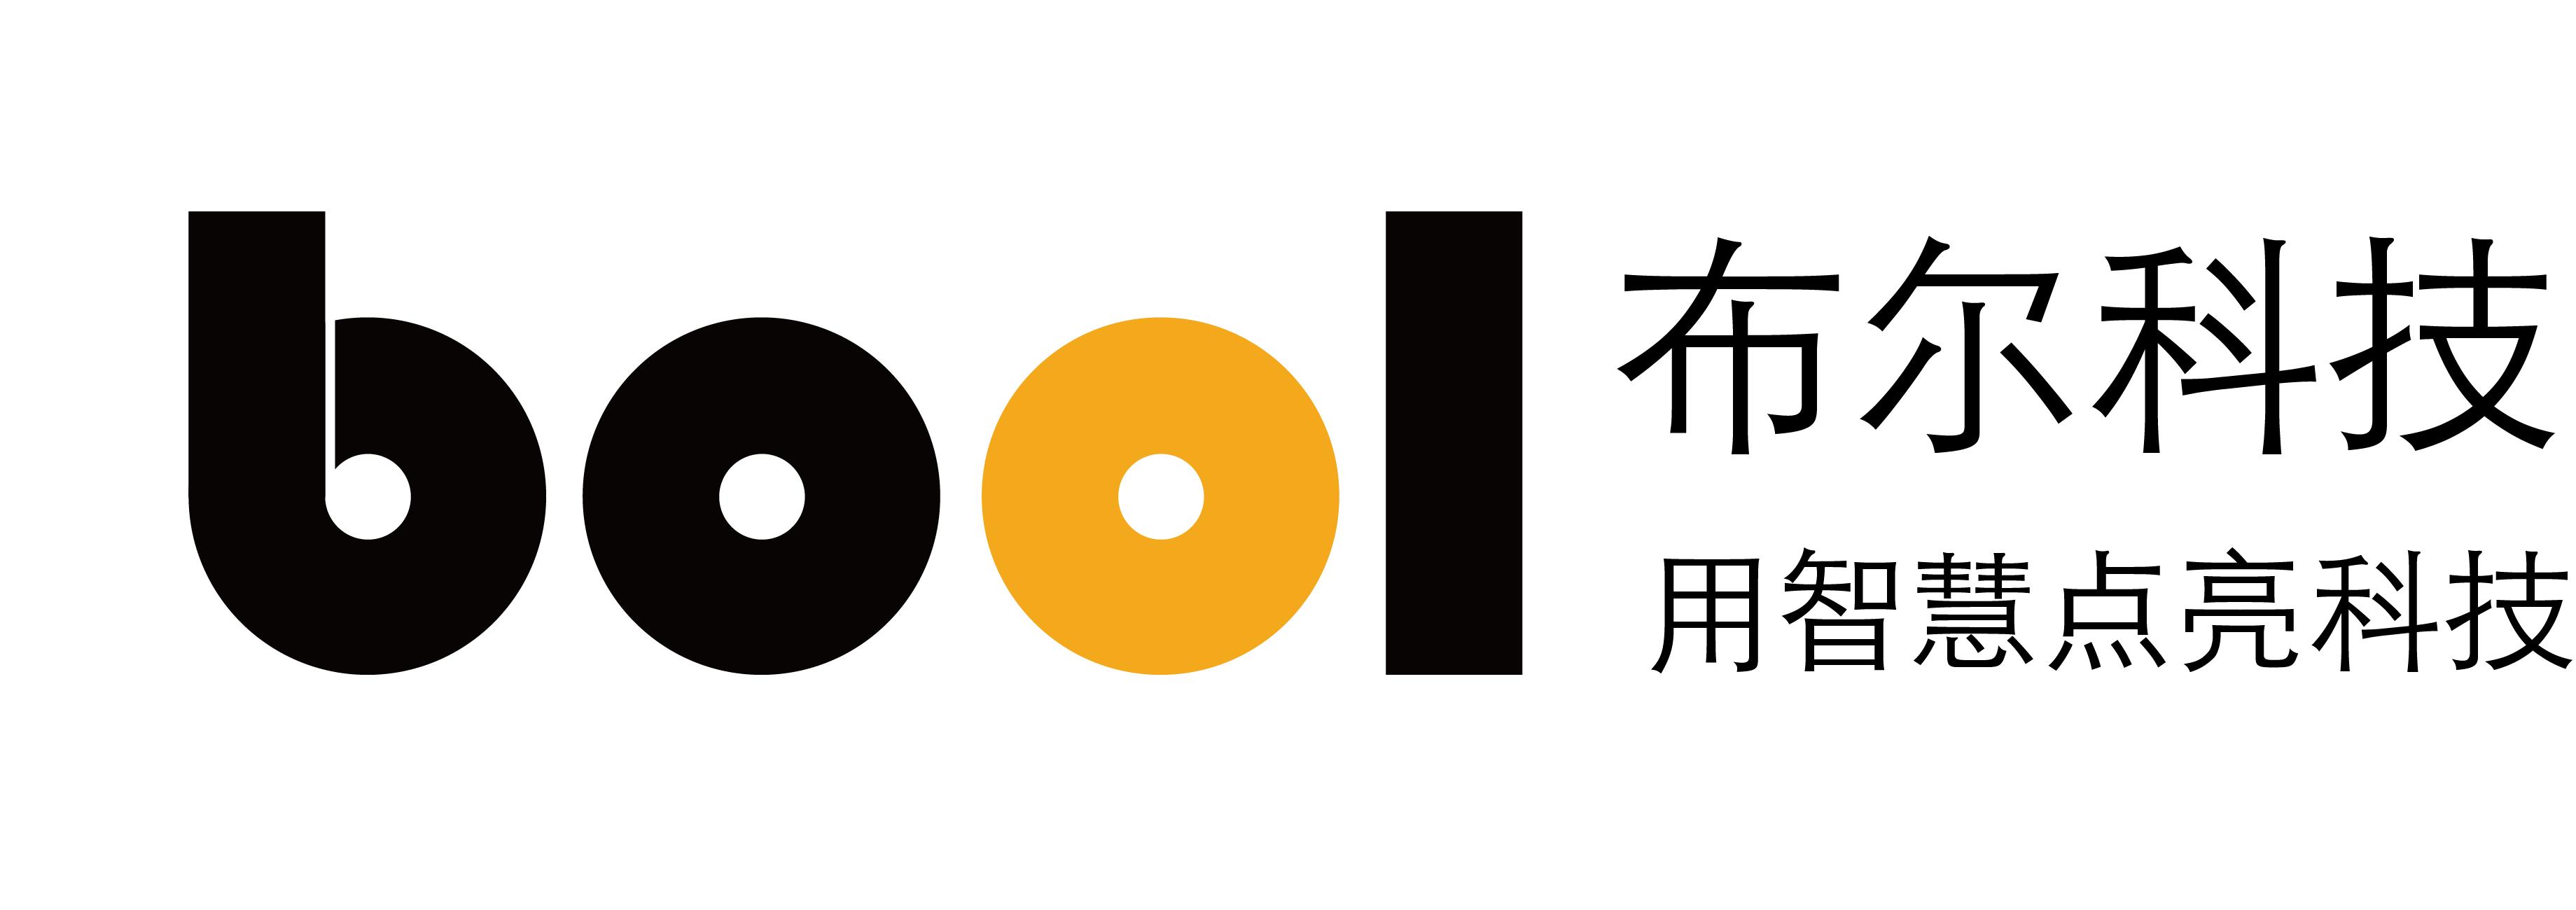 天津布尔科技有限公司